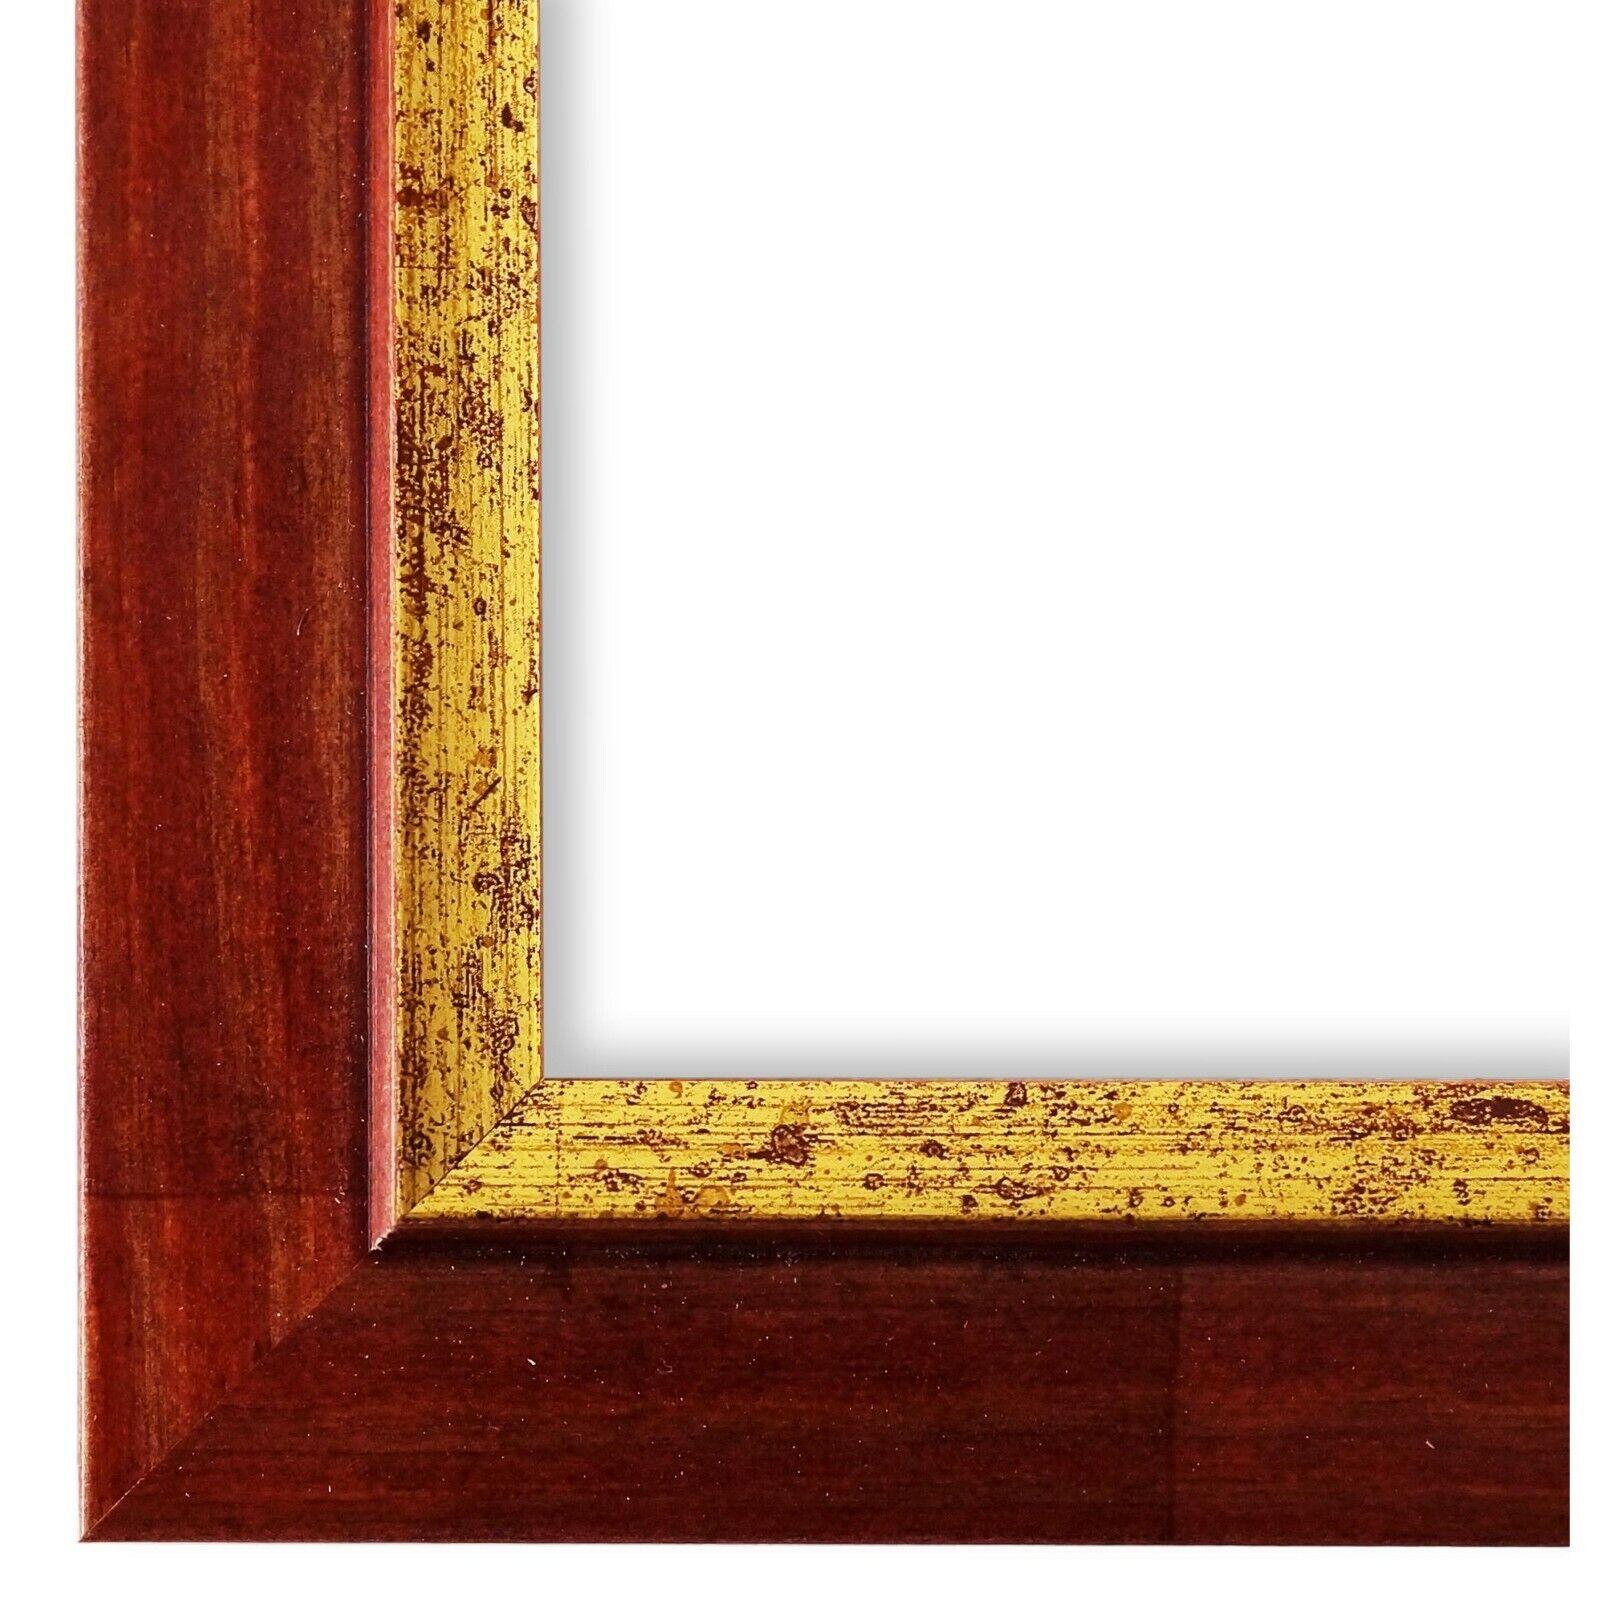 Bilderrahmen Rot Gold Vintage Antik Holz Catanzaro 3,9 - NEU alle Größen